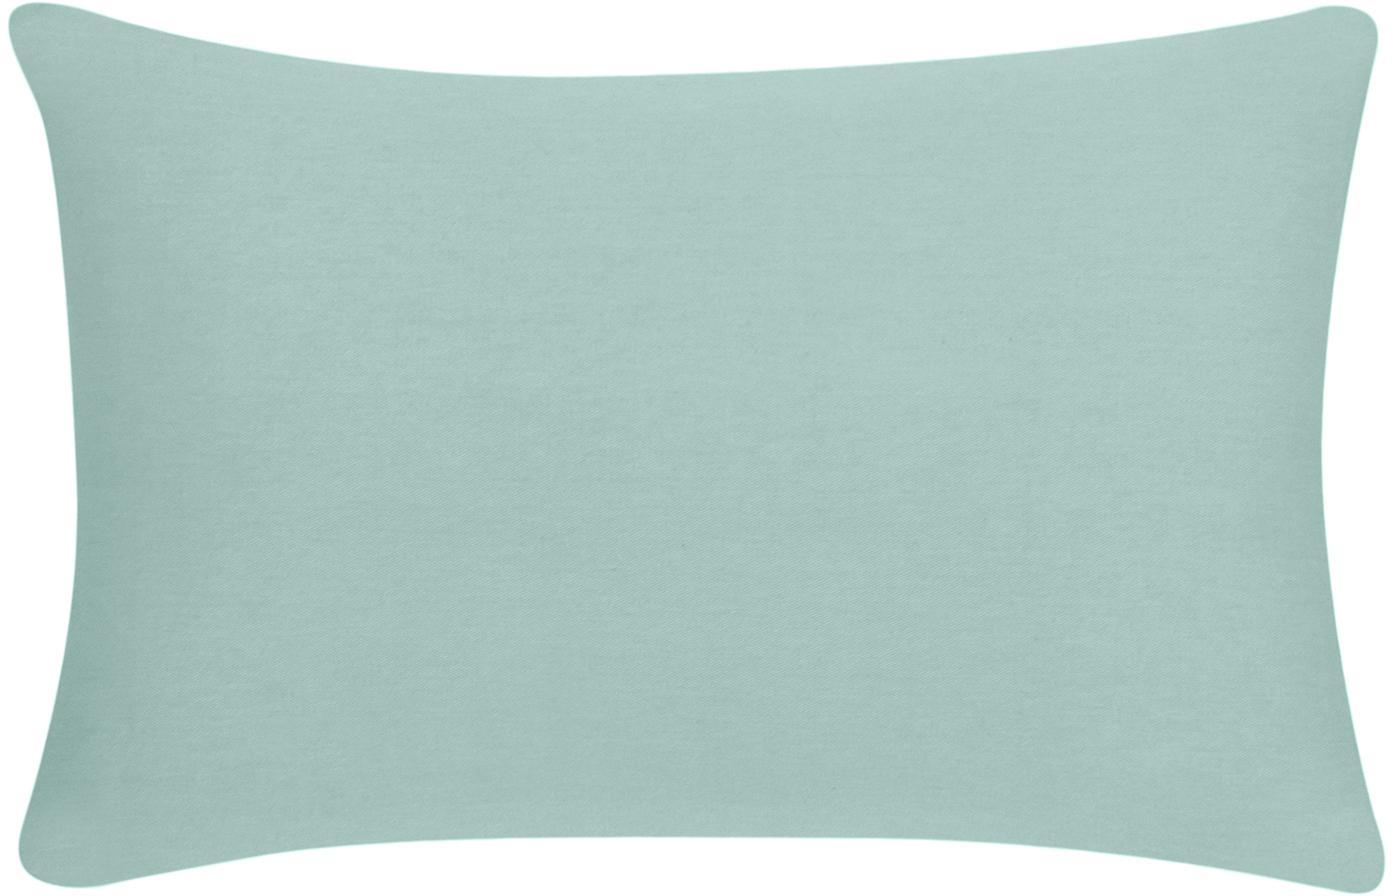 Federa arredo in cotone verde salvia Mads, 100% cotone, Verde salvia, Larg. 30 x Lung. 50 cm